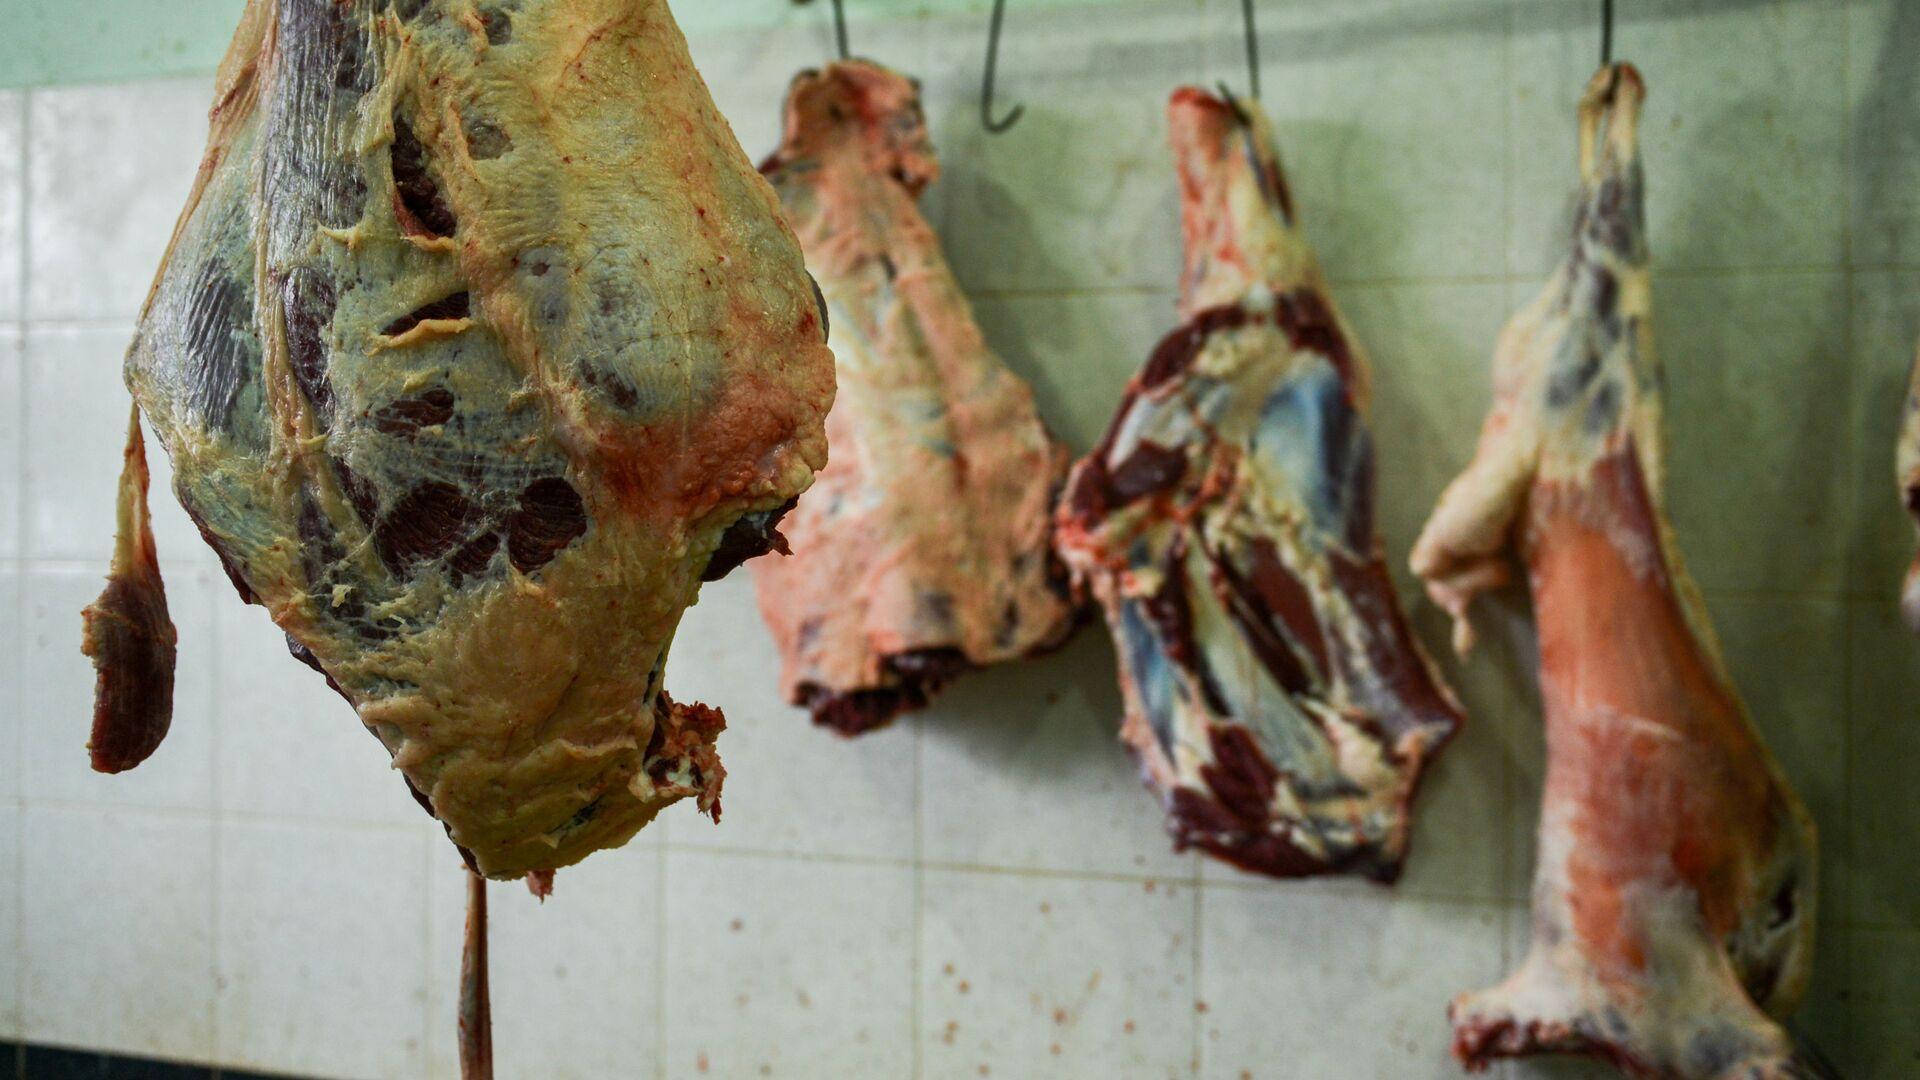 Мясо, фото из архива  - Sputnik Azərbaycan, 1920, 03.08.2021